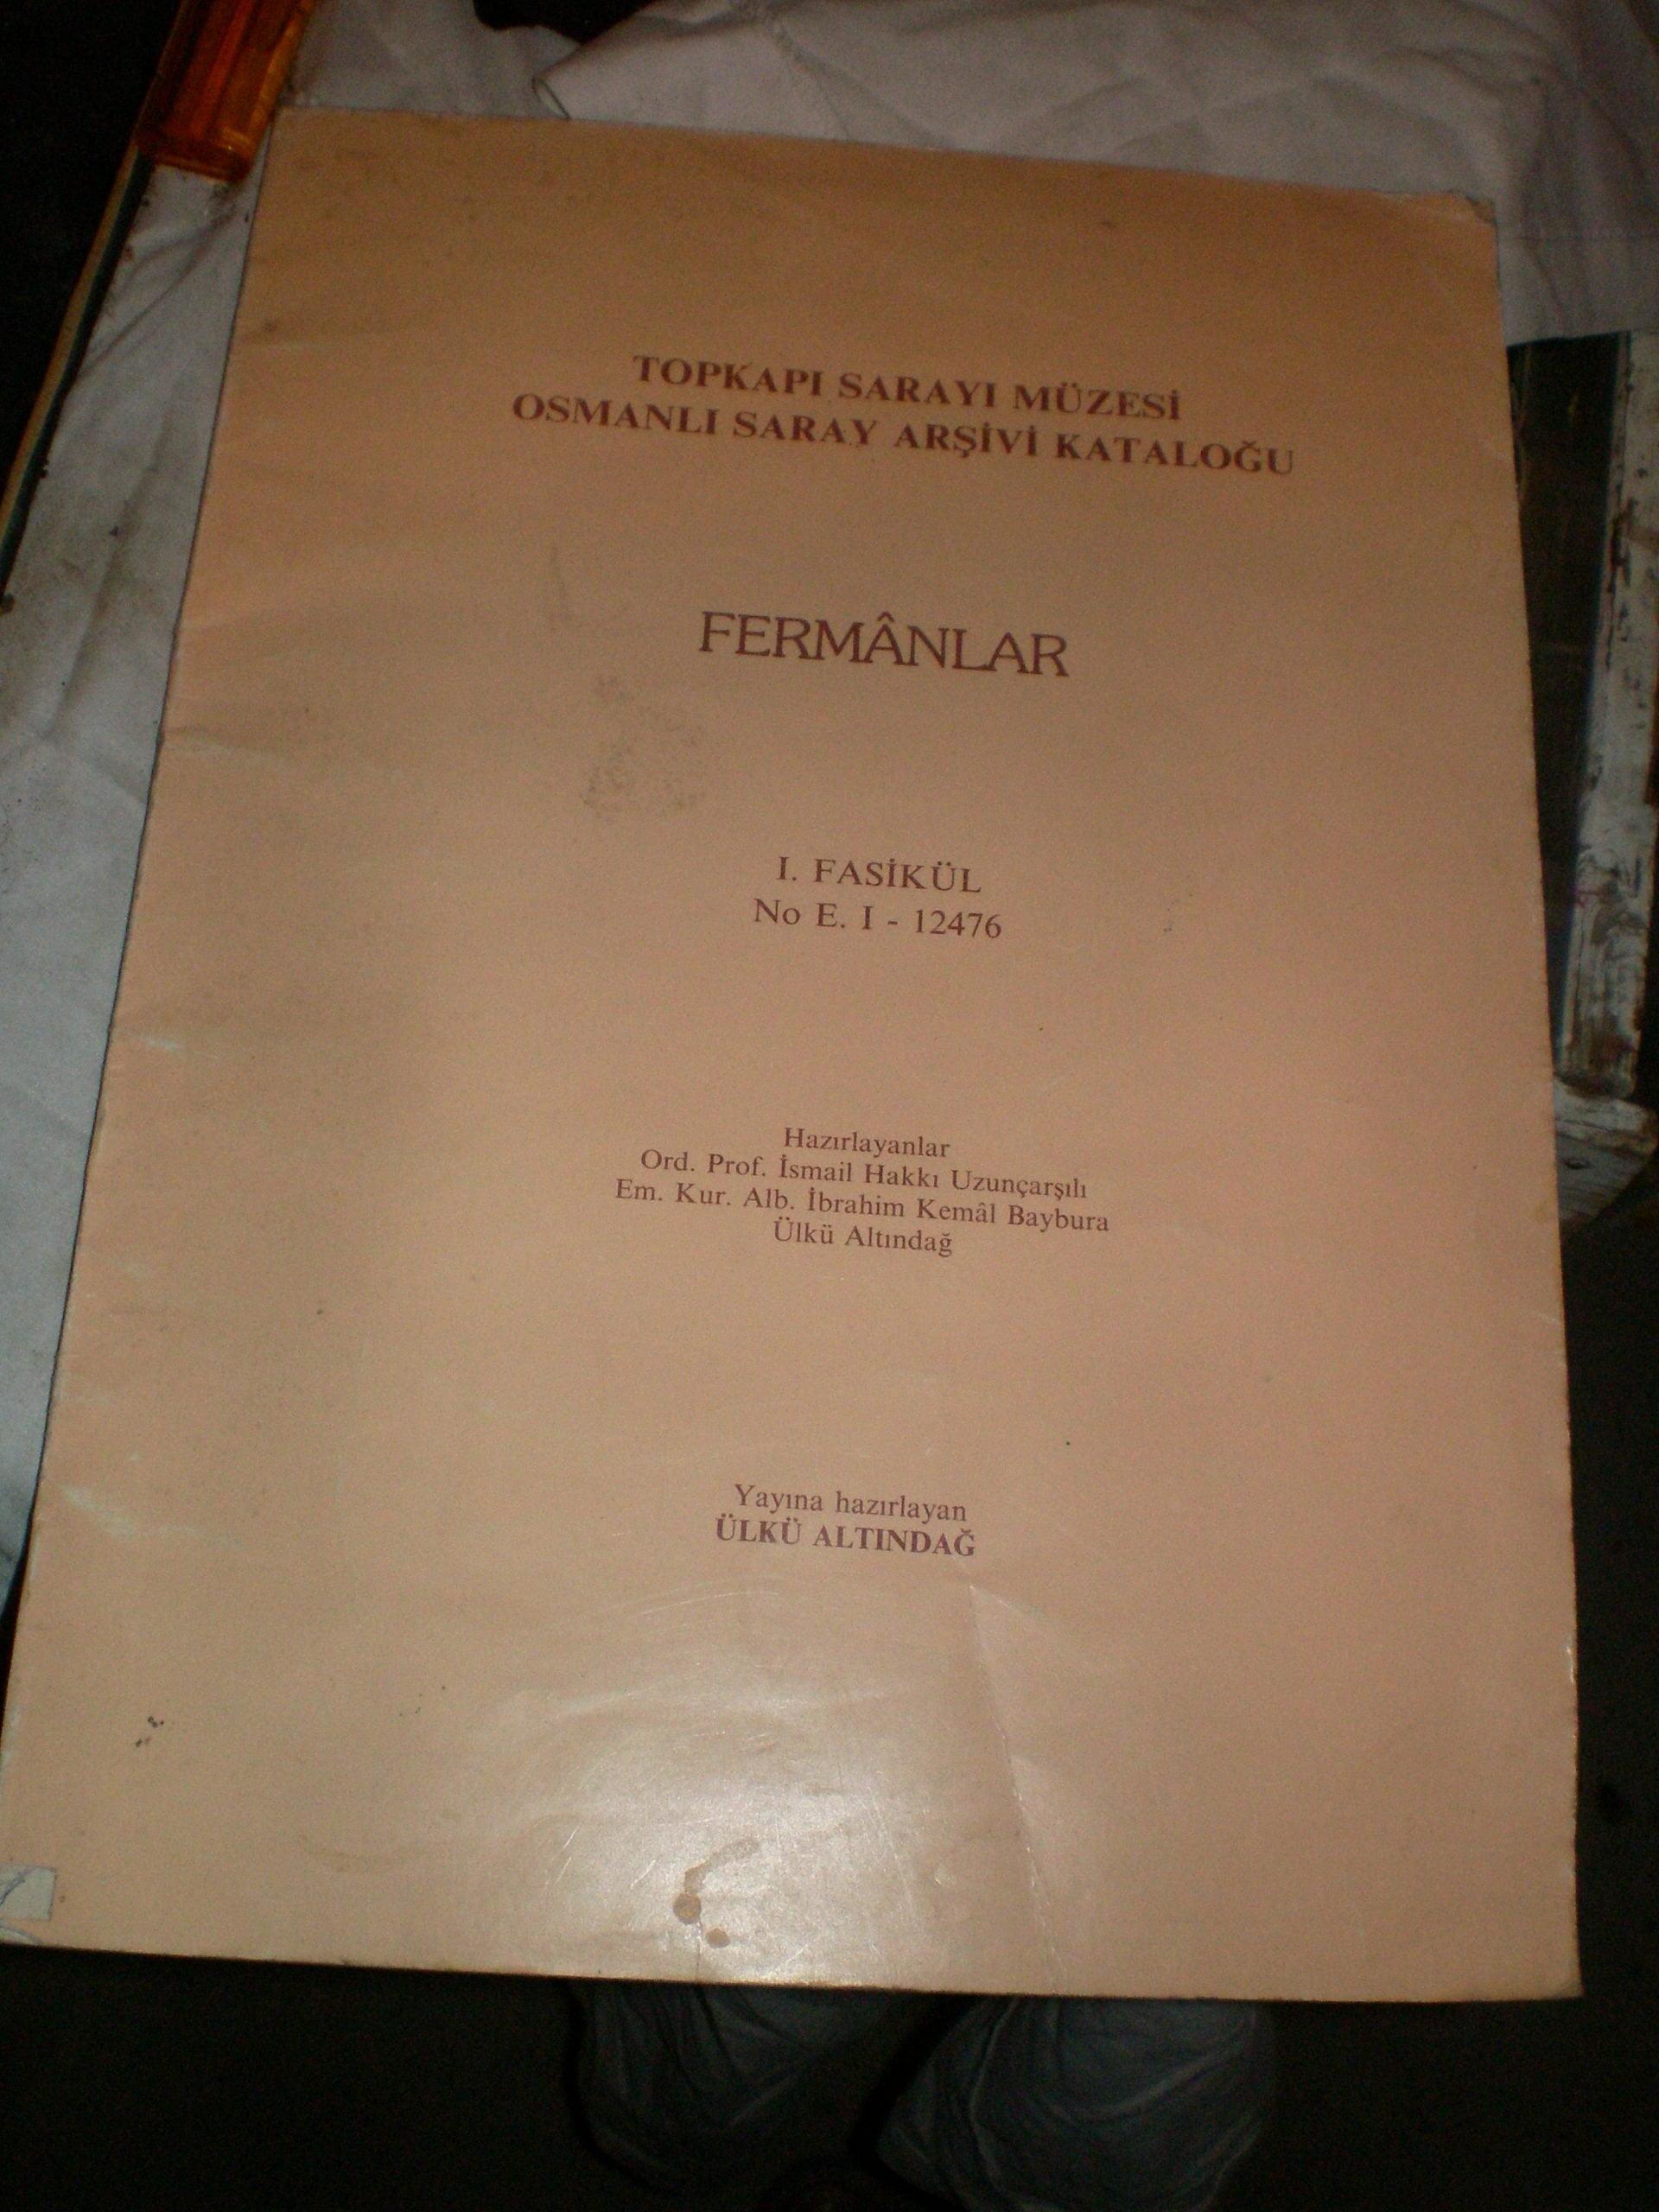 FERMANLAR -1 FASİKÜL-TOPKAPI SARAYI MÜZESİ -OSMANLI SARAY ARŞİVİ KATALOĞU/Haz: İ. H. Uzunçarşılı, İ. Baybura, Ülkü ALTINDAĞ/ 15 TL